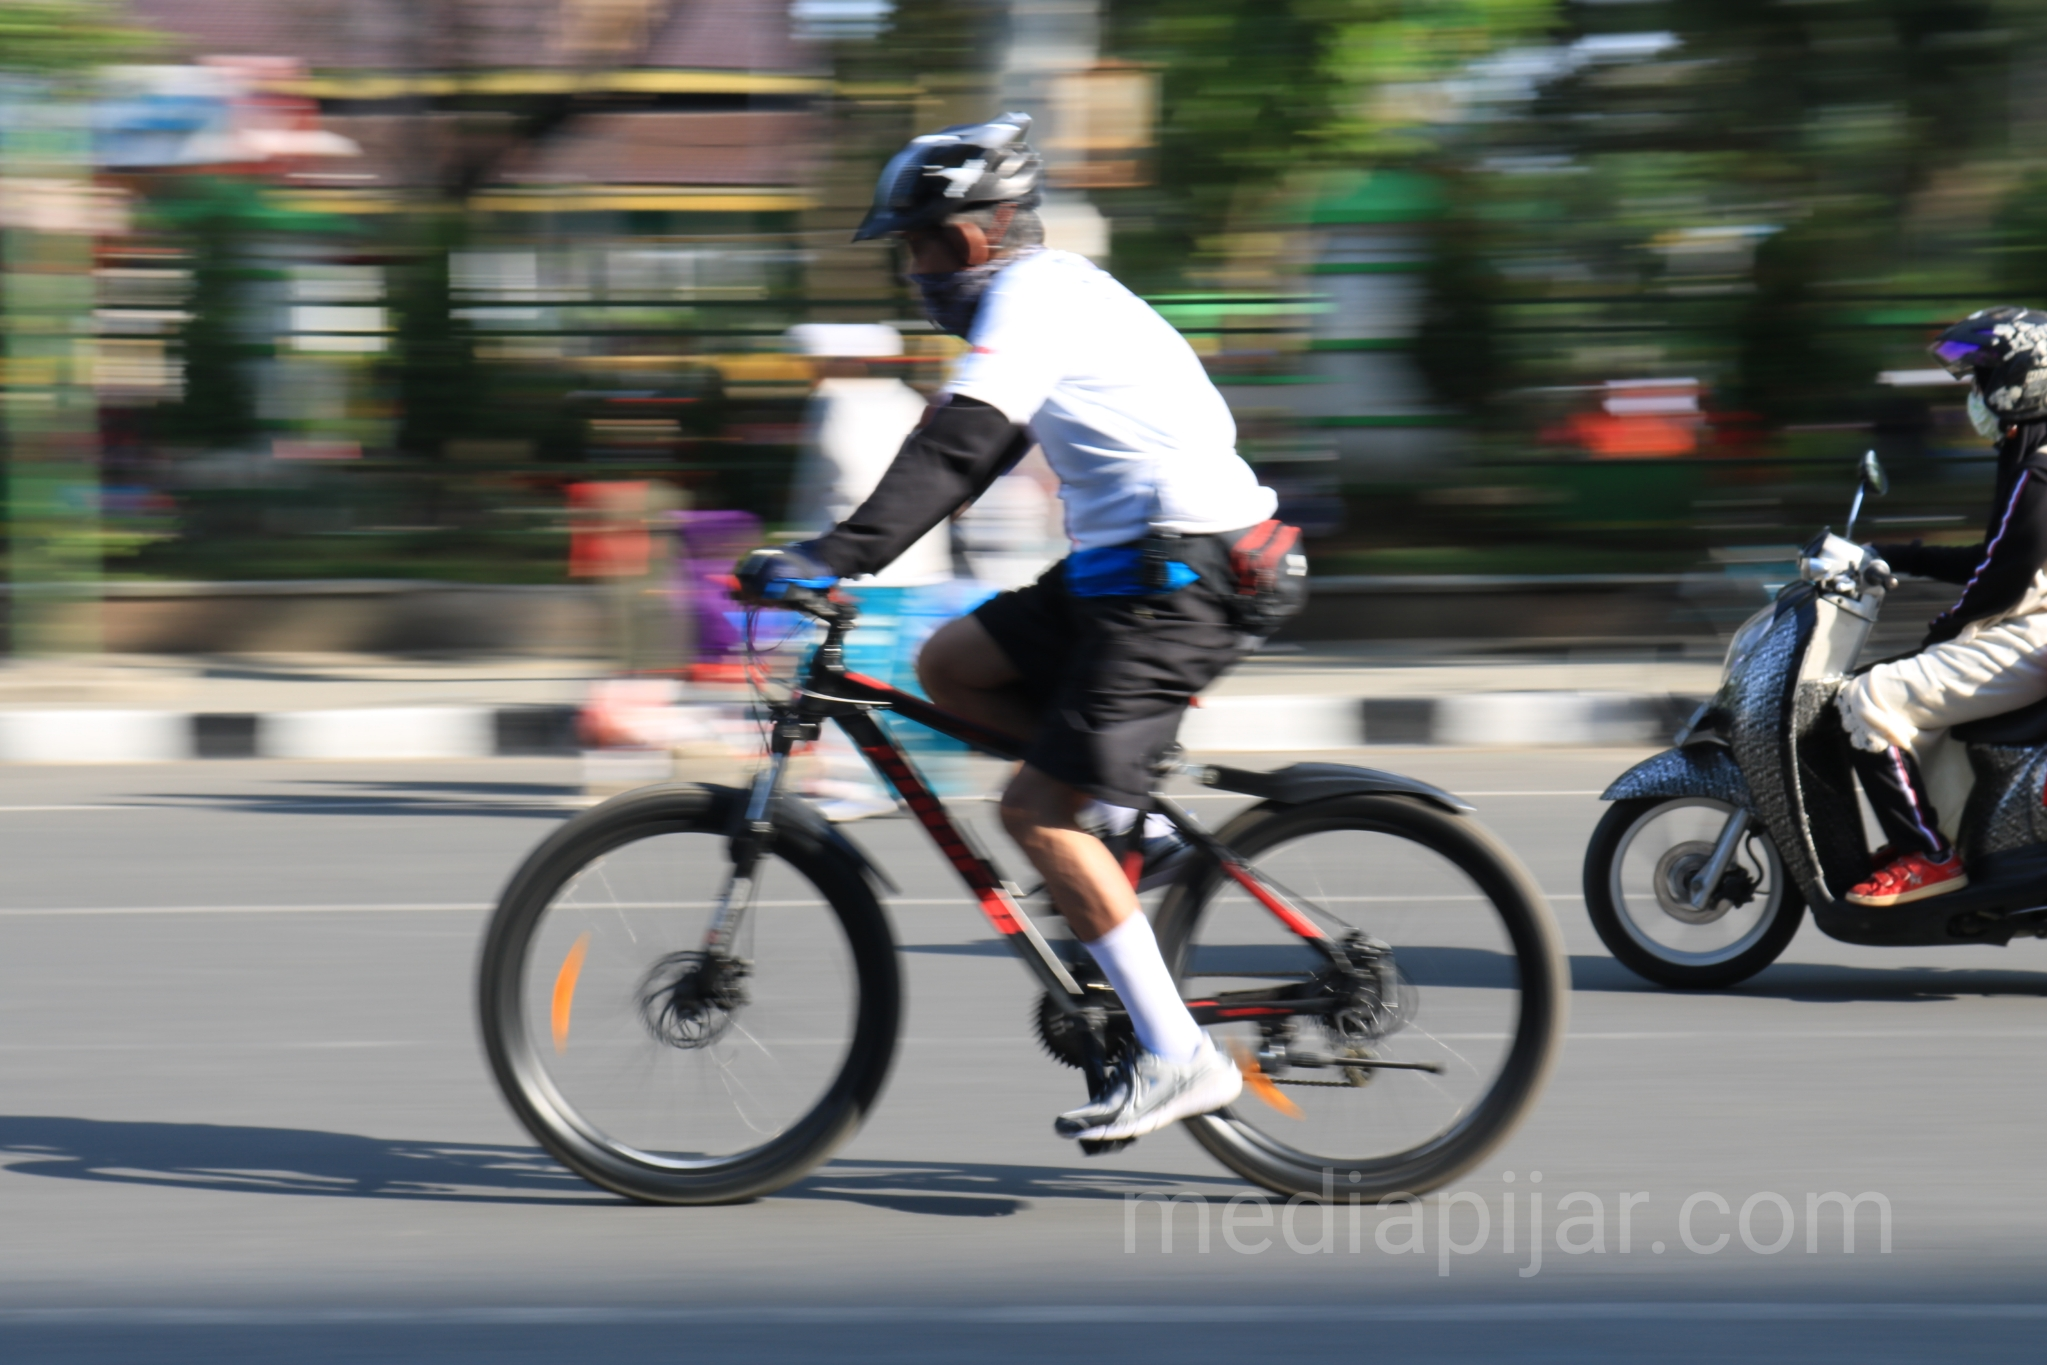 Mari bersepeda setiap pagi dan selalu budayakan hidup sehat. (Fotografer: Dwi Harizki)